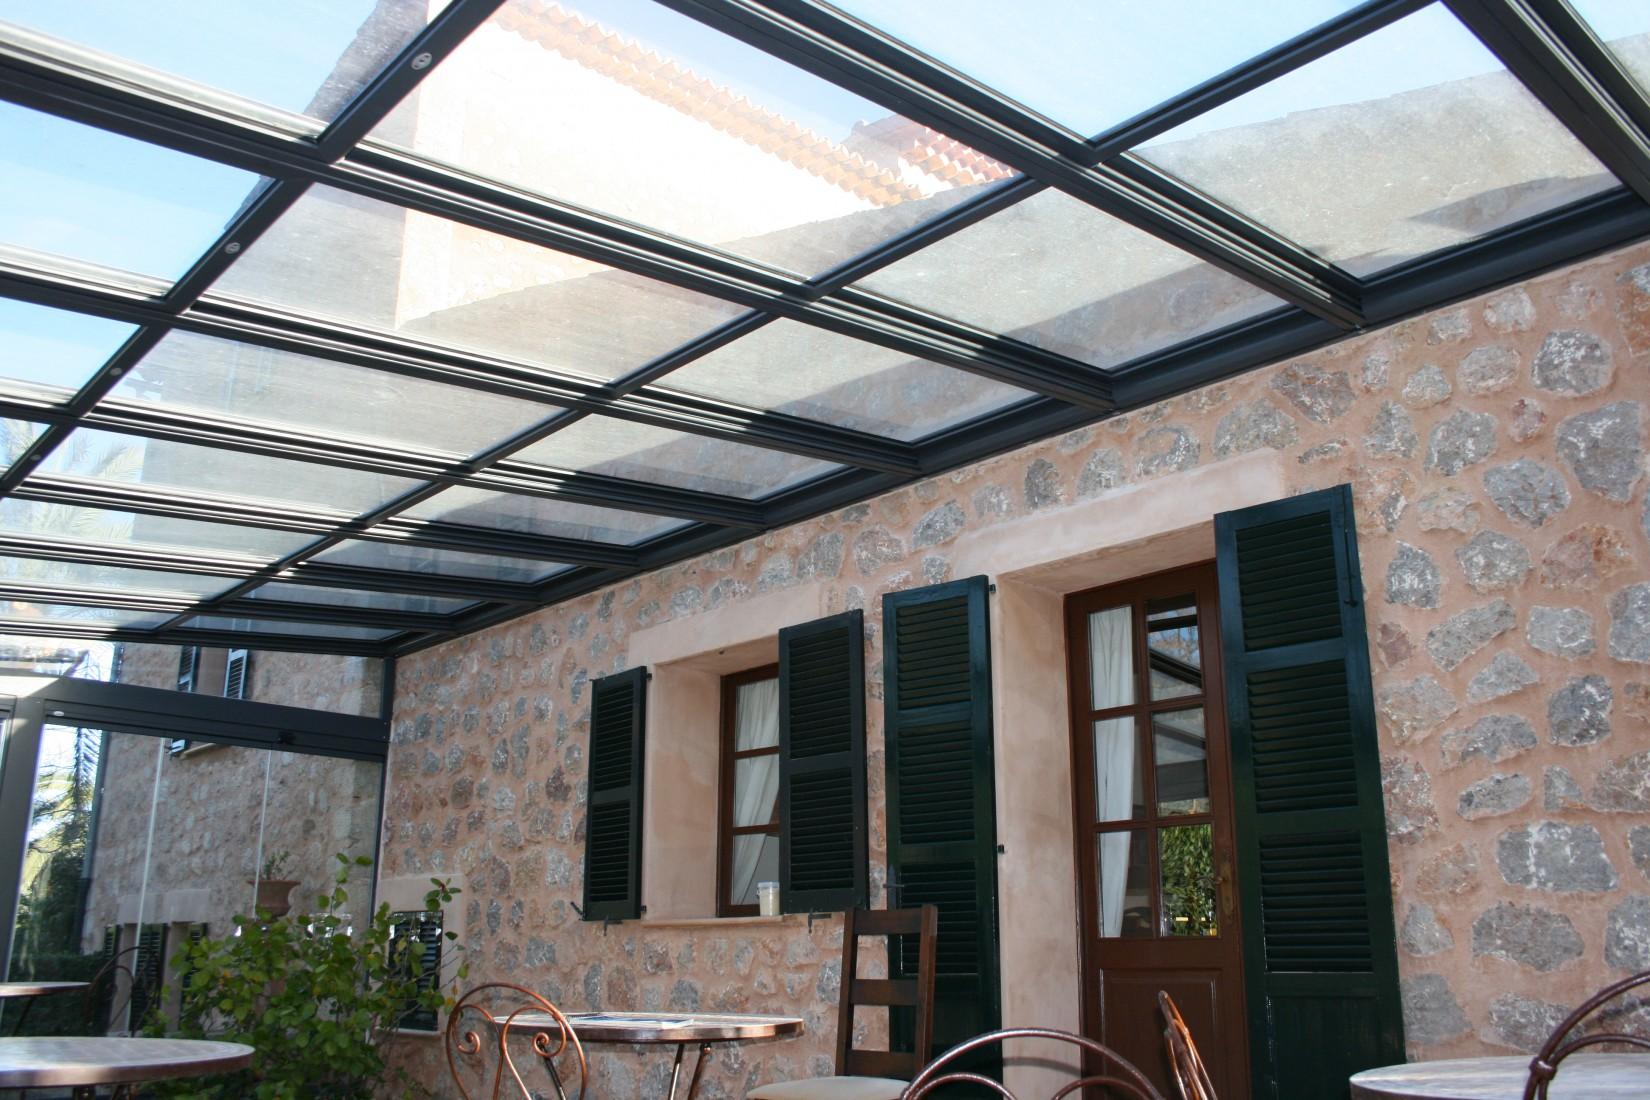 Techos de cristal para casas great techos de cristal for Techos livianos para casas